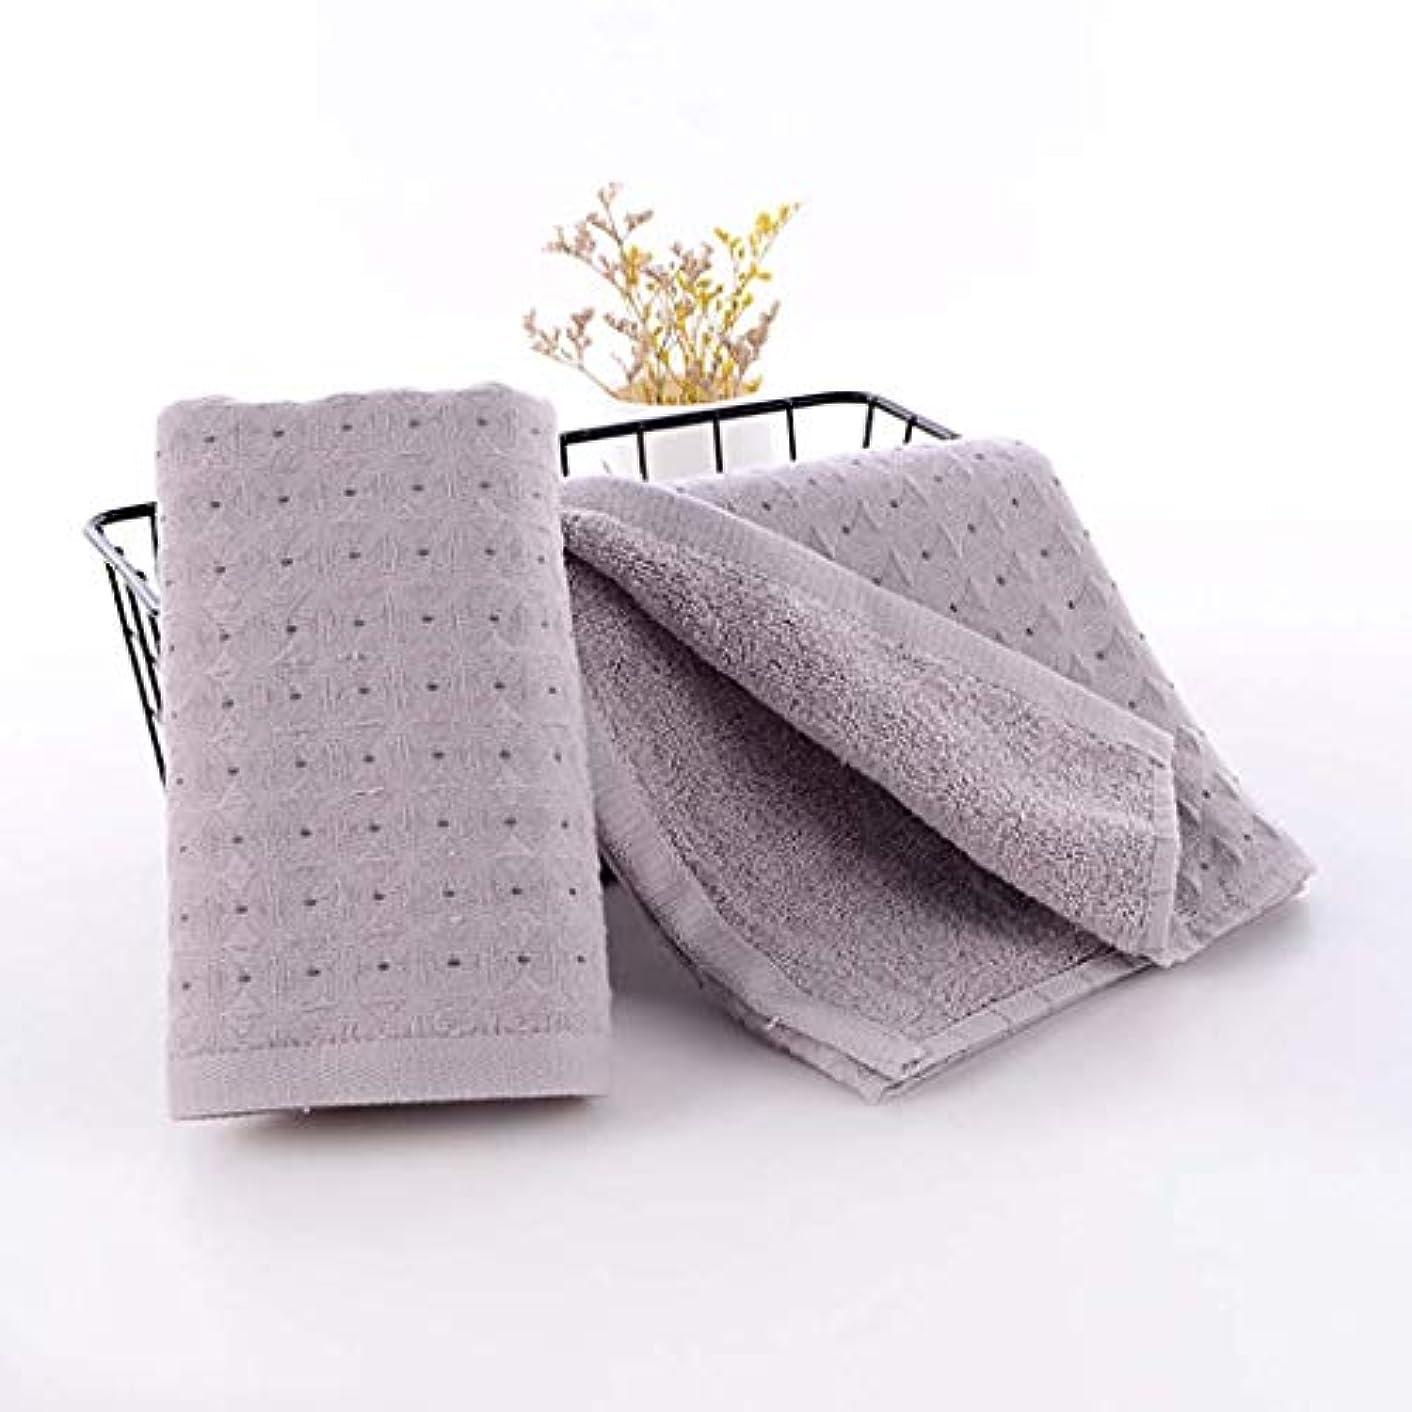 全く吸い込むきしむ綿のハンドタオルの速い乾燥したタオルの速い乾燥したタオル,Gray,34*75cm